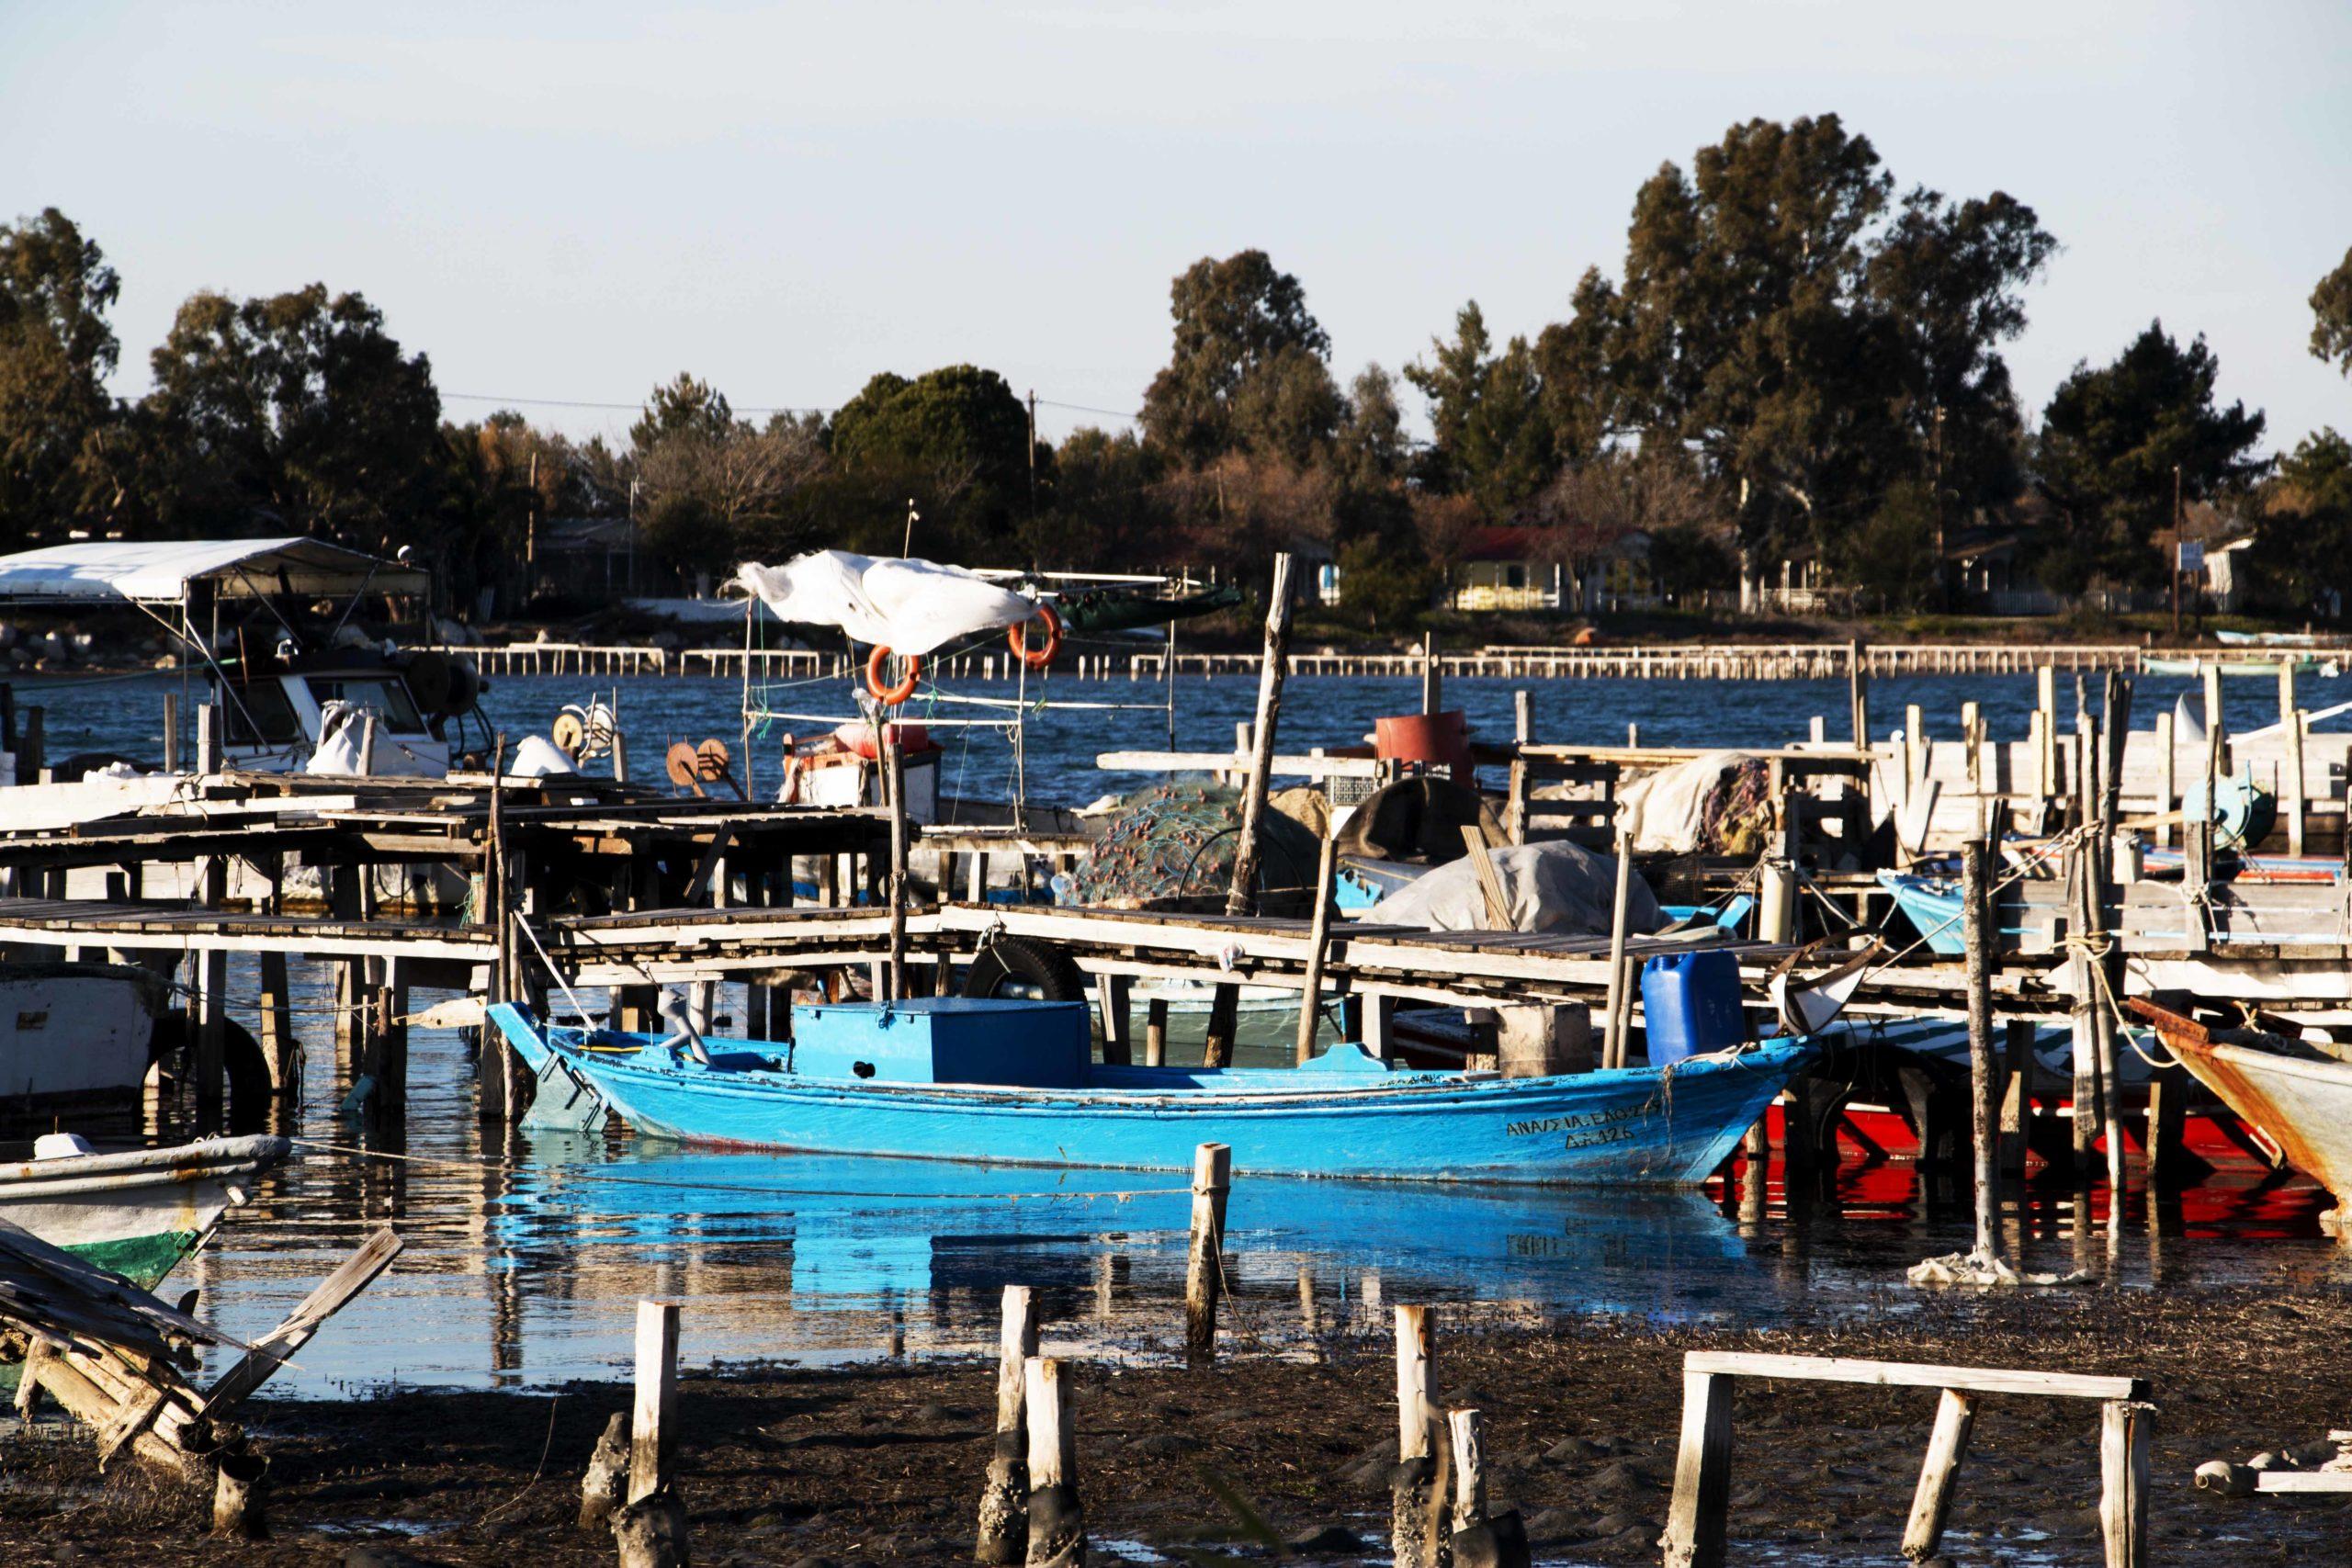 Ψαρόβαρκες, λιμανάκι Τουρλίδας1